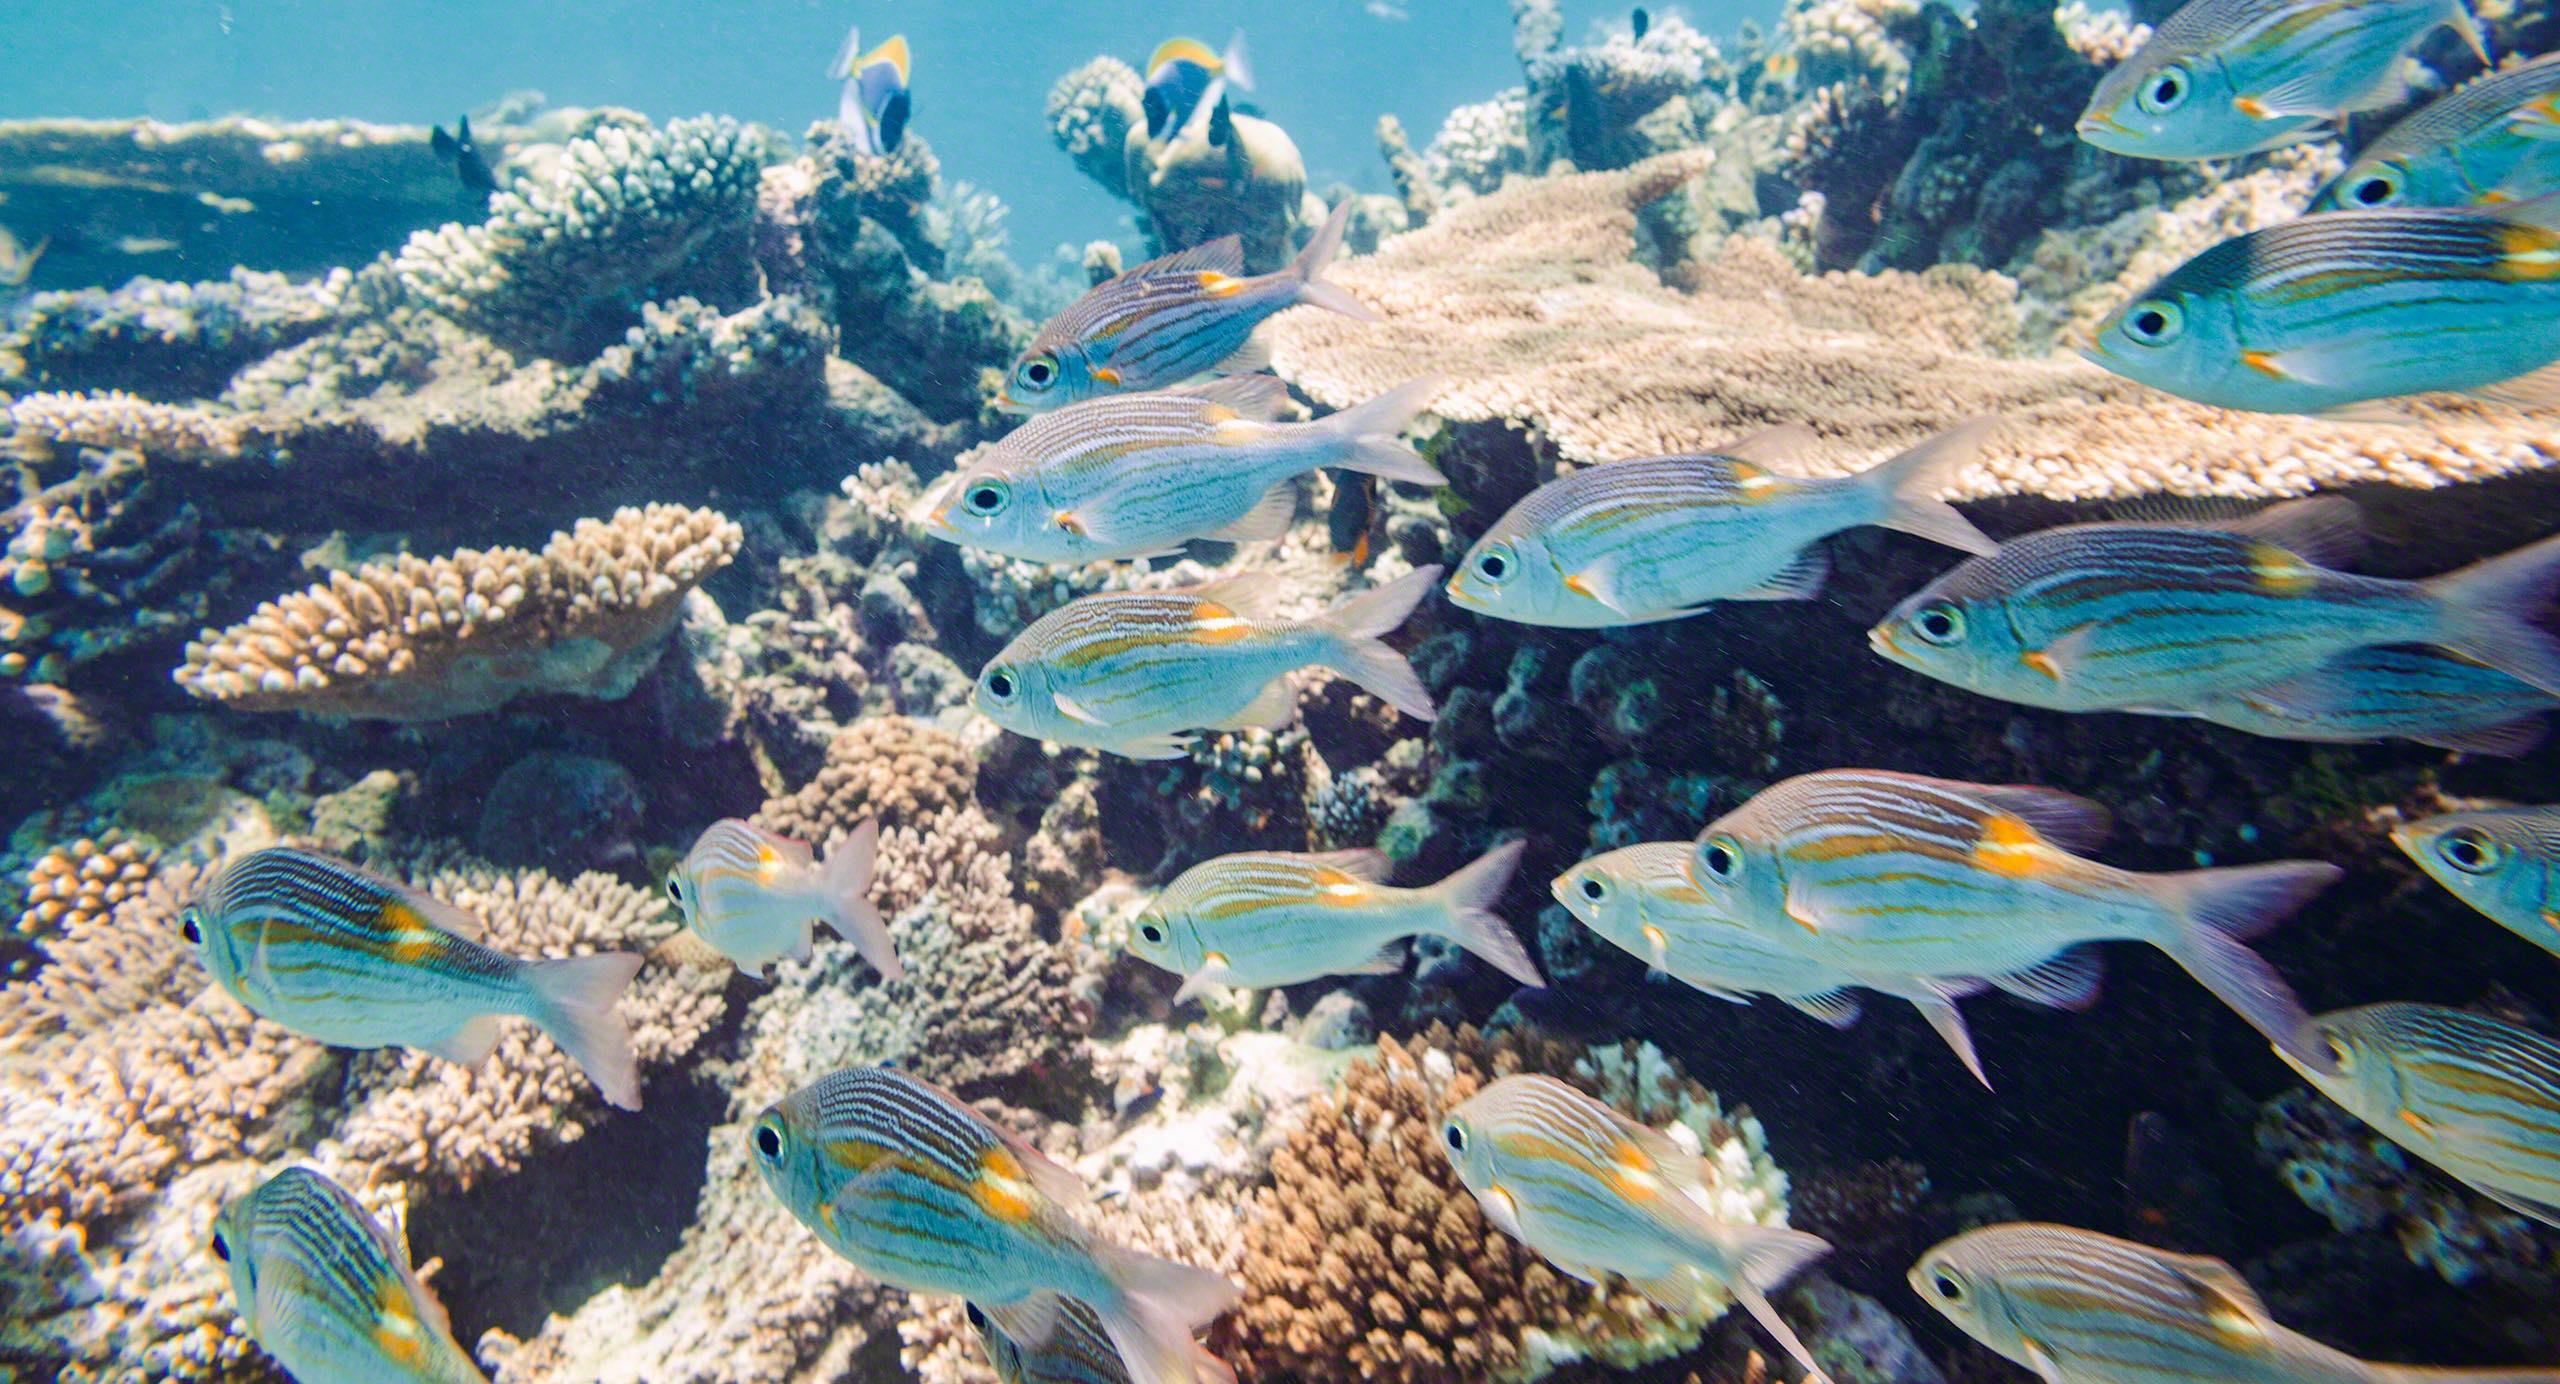 Oder ist es doch am schönsten unter Wasser?